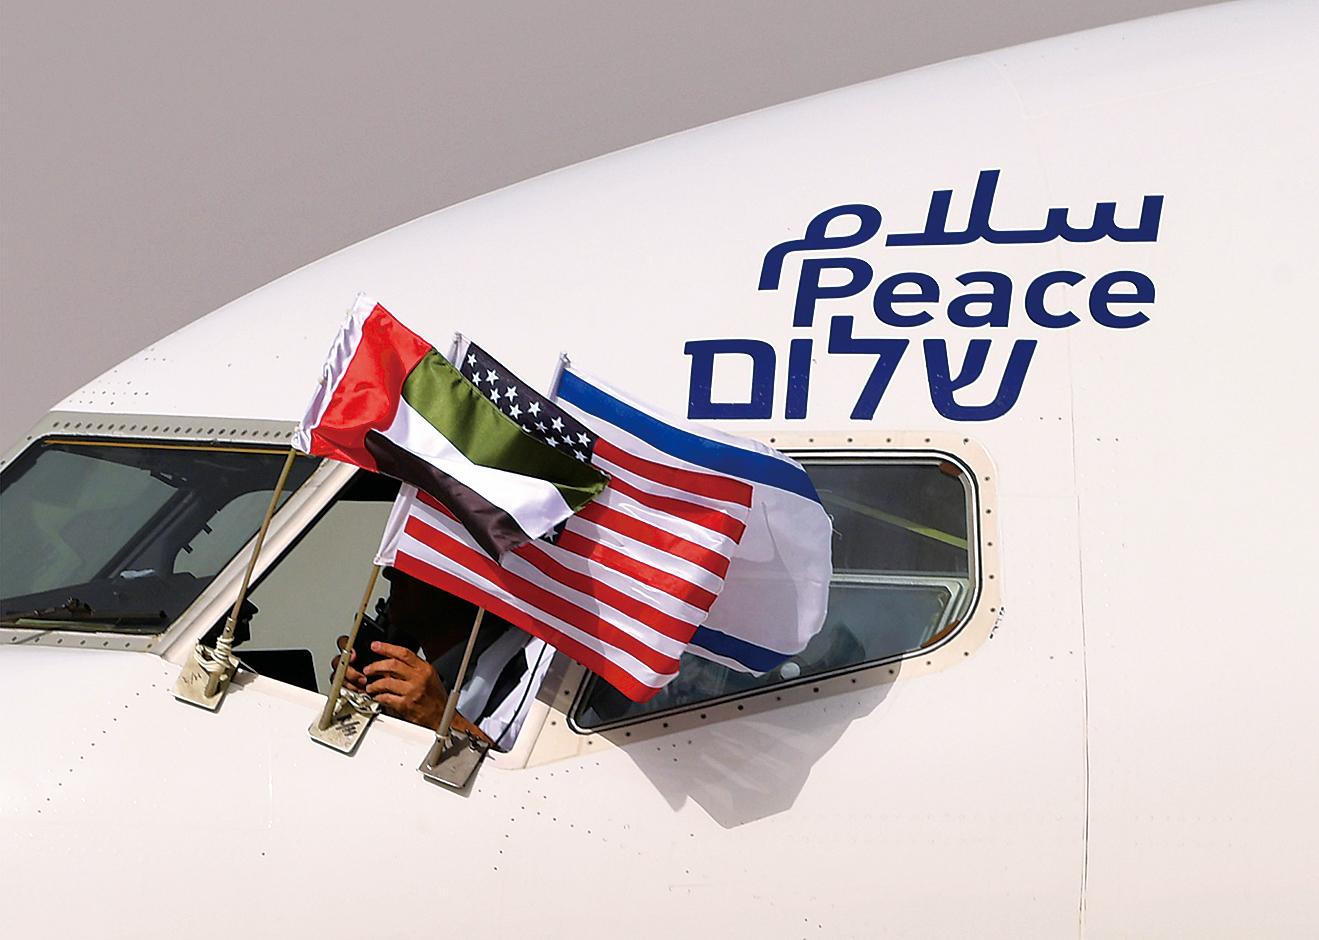 首次飛越沙特領空的以色列航空公司(El Al Israel Airlines)直航專機機身可見到以英文、希伯來文和阿拉伯文漆的「和平」字樣。(AFP)